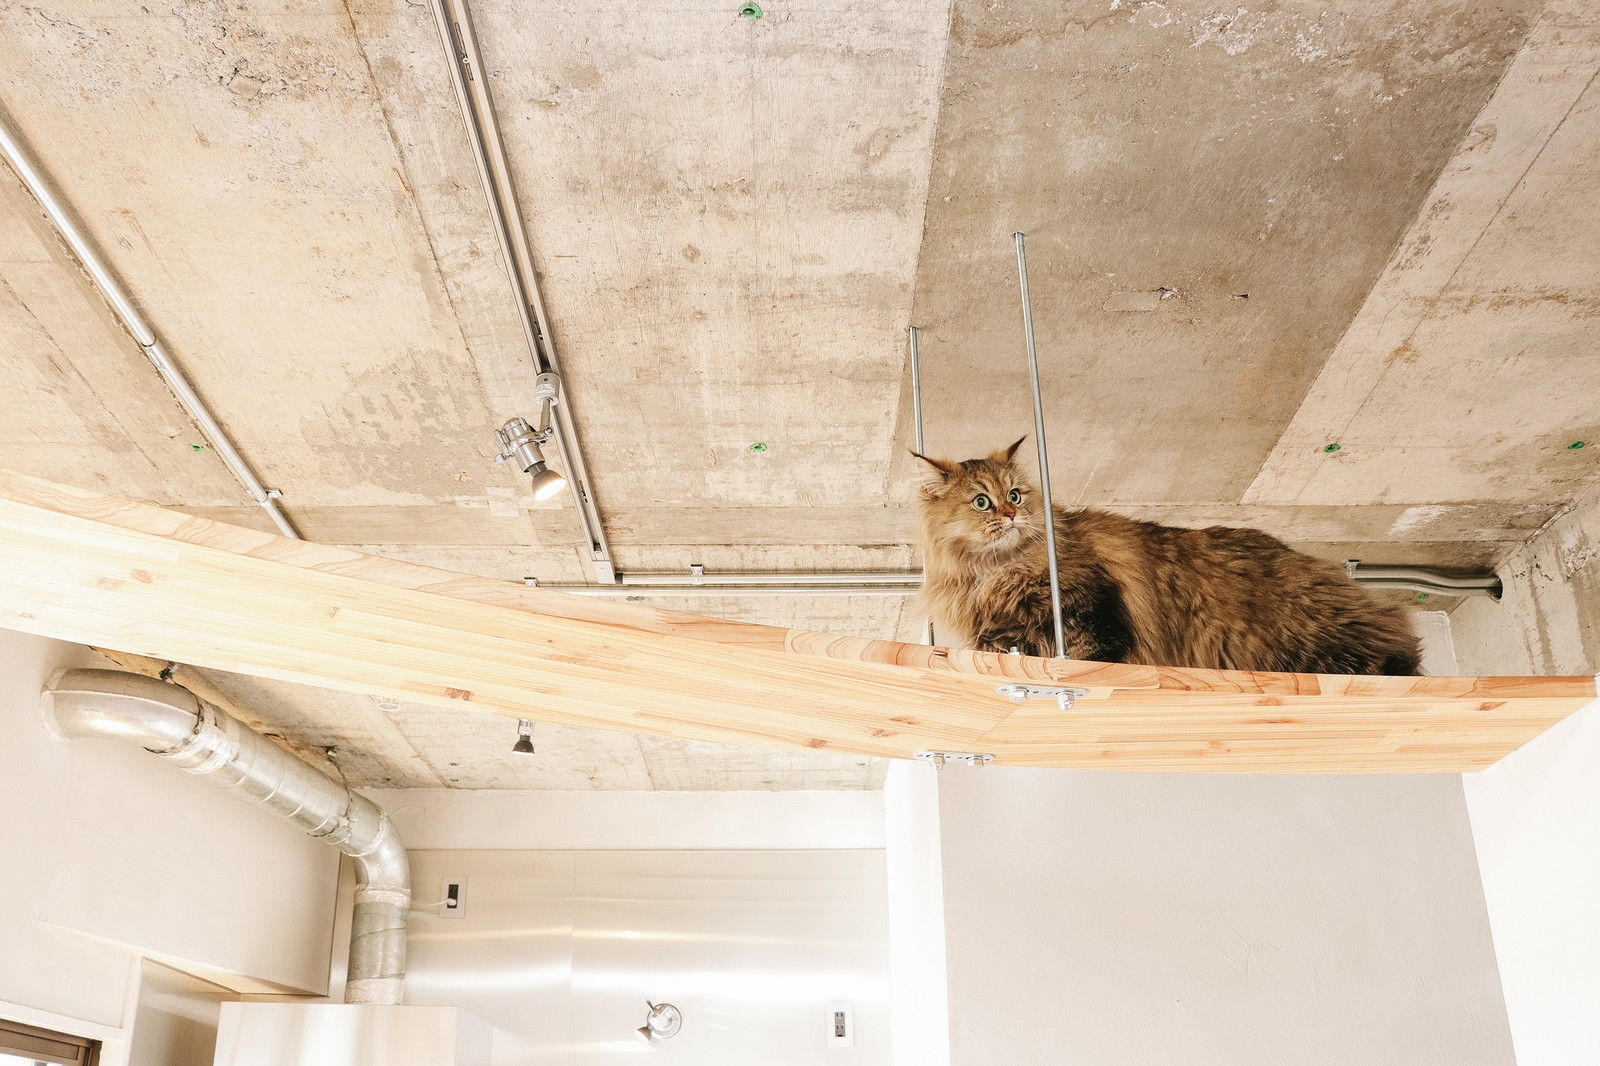 「ちょっと猫が通りますよ・・・ちょっと猫が通りますよ・・・」のフリー写真素材を拡大